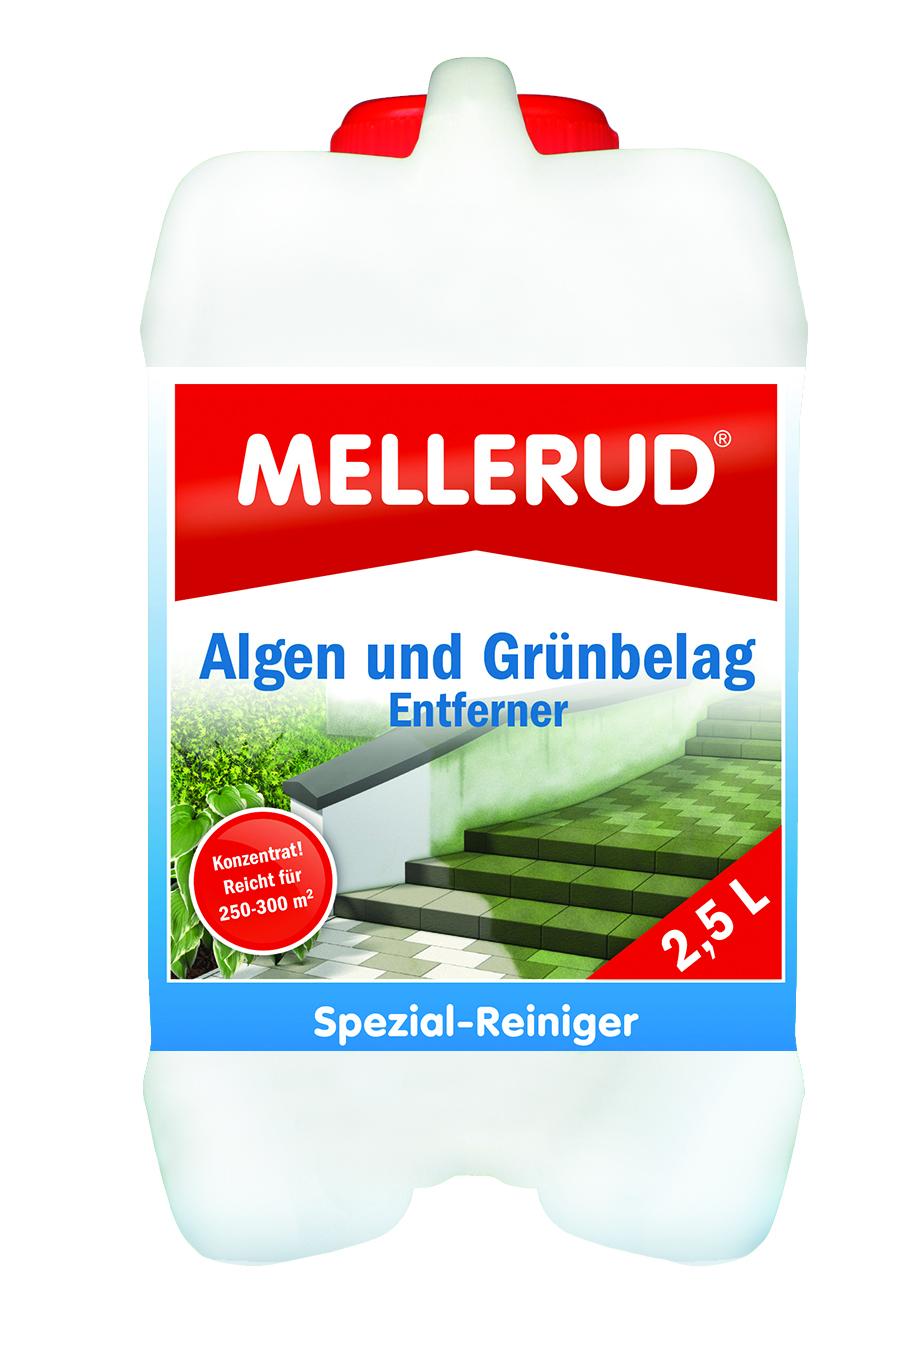 mellerud algen und gr nbelag entferner 2 5 l reinigung pflege schutz haus wohnen. Black Bedroom Furniture Sets. Home Design Ideas